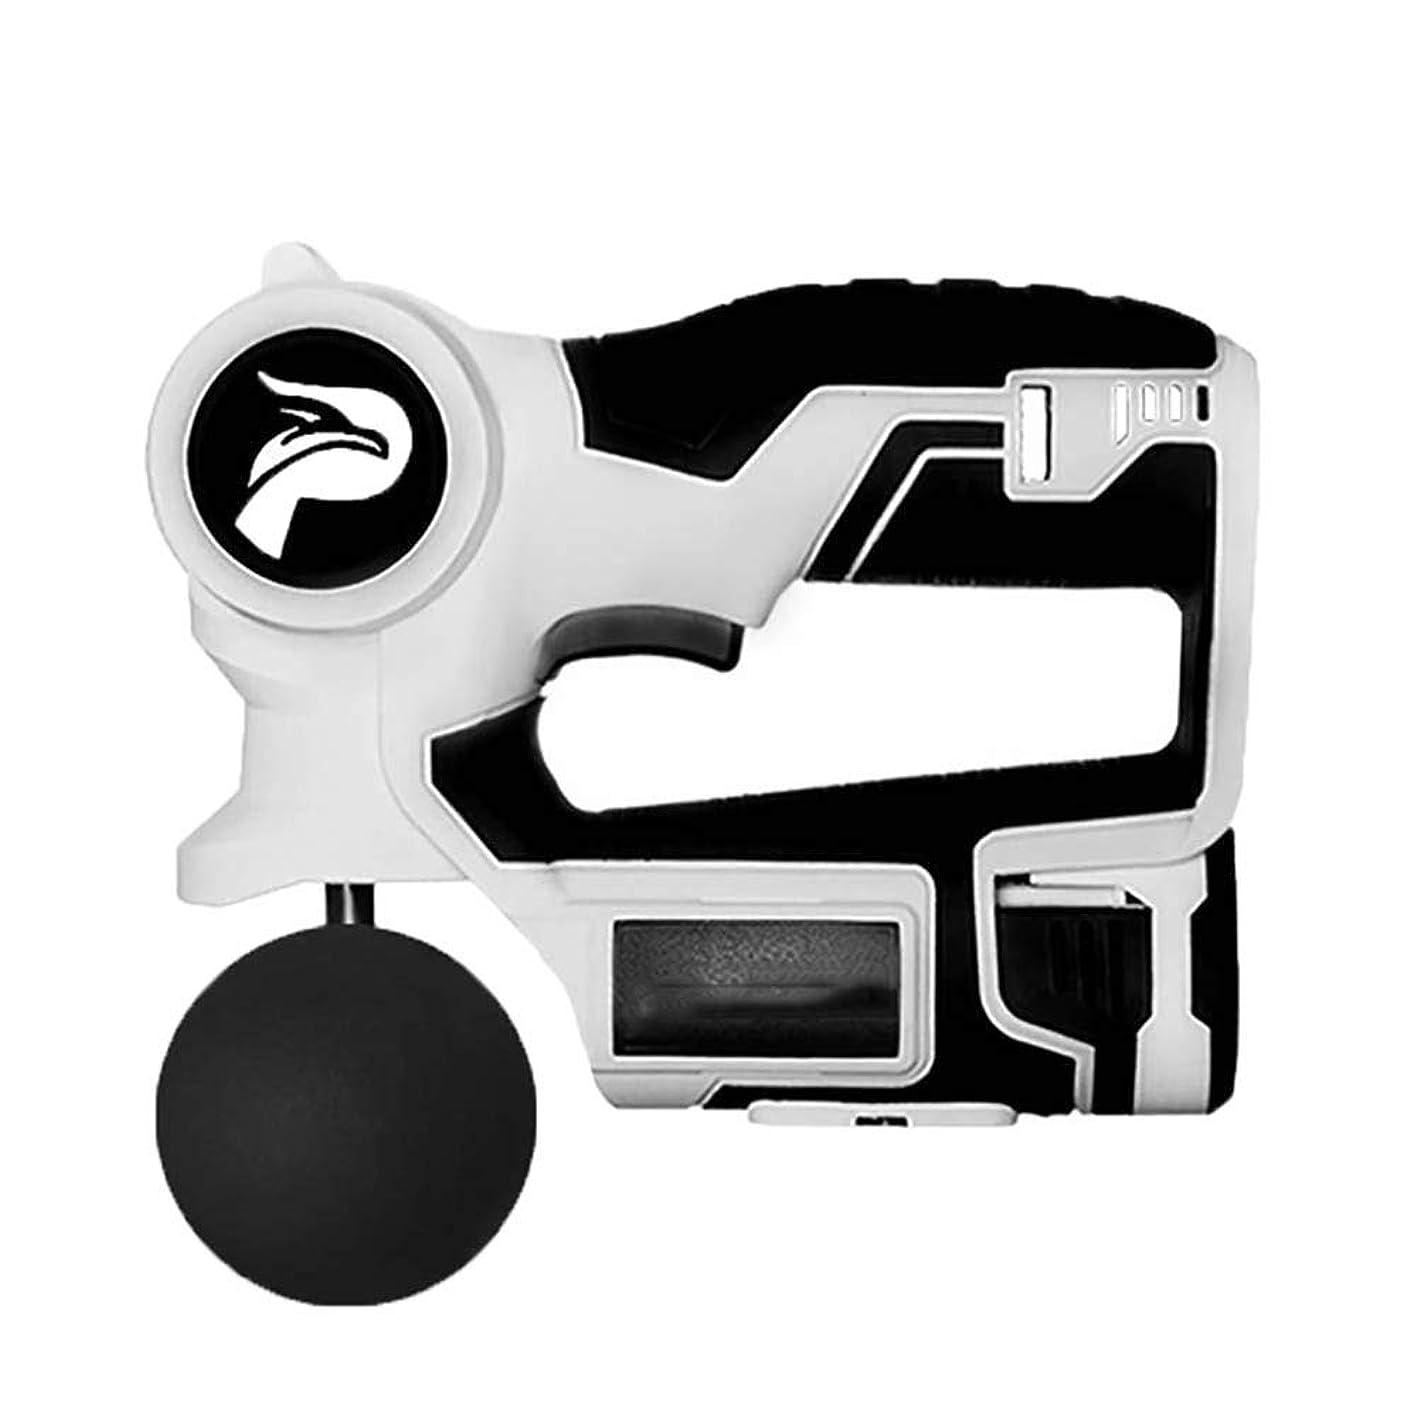 引き算高架温度マッサージガン、パーソナルパーカッション手持ち型マッスルマッサージャー - ディープティシューマッサージャー2700回/分6スピード設定 - 4マッサージヘッド